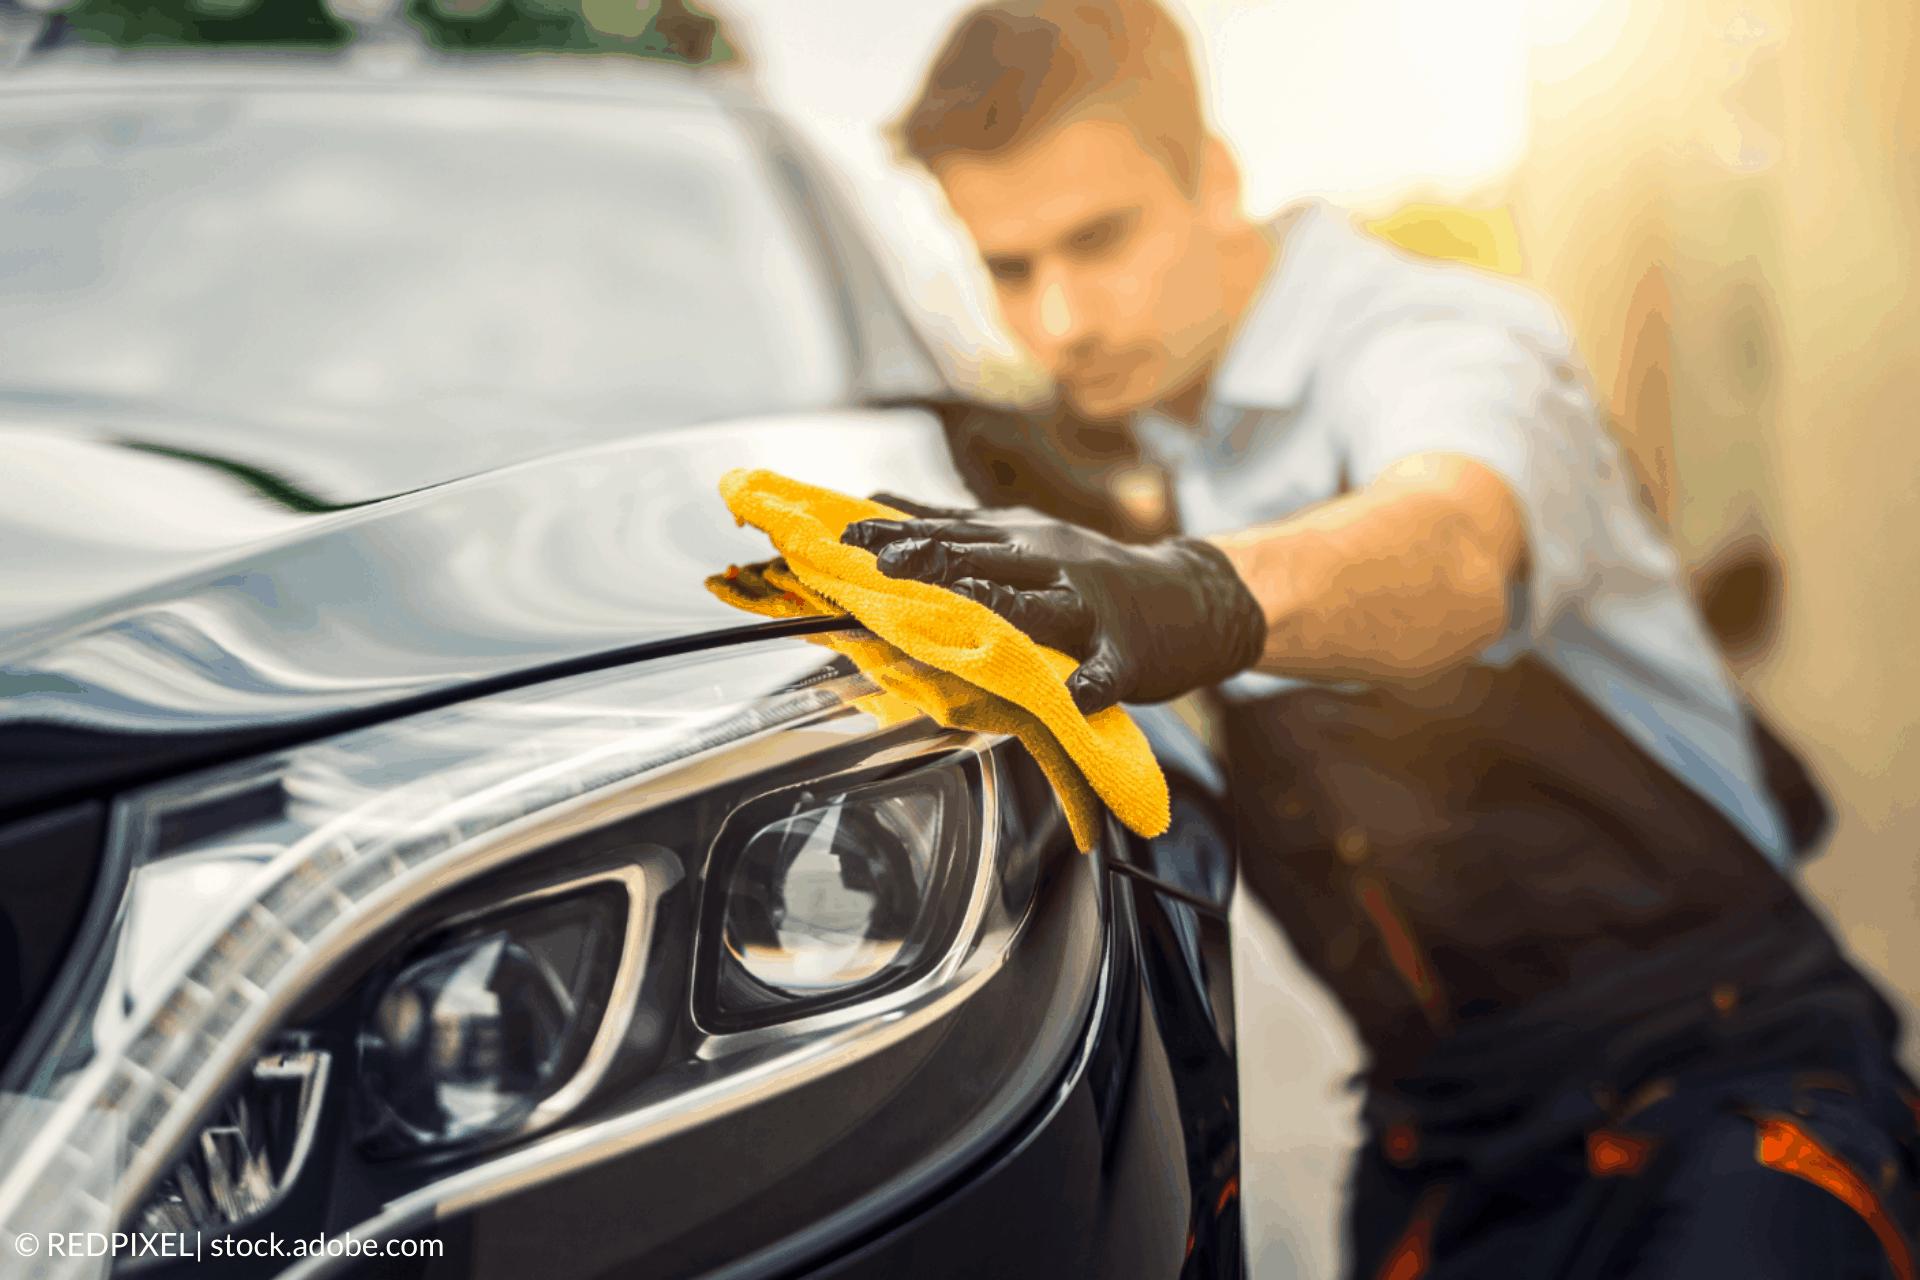 כיצד לשטוף את מכוניתך - 6 שלבים לניקוי רכב